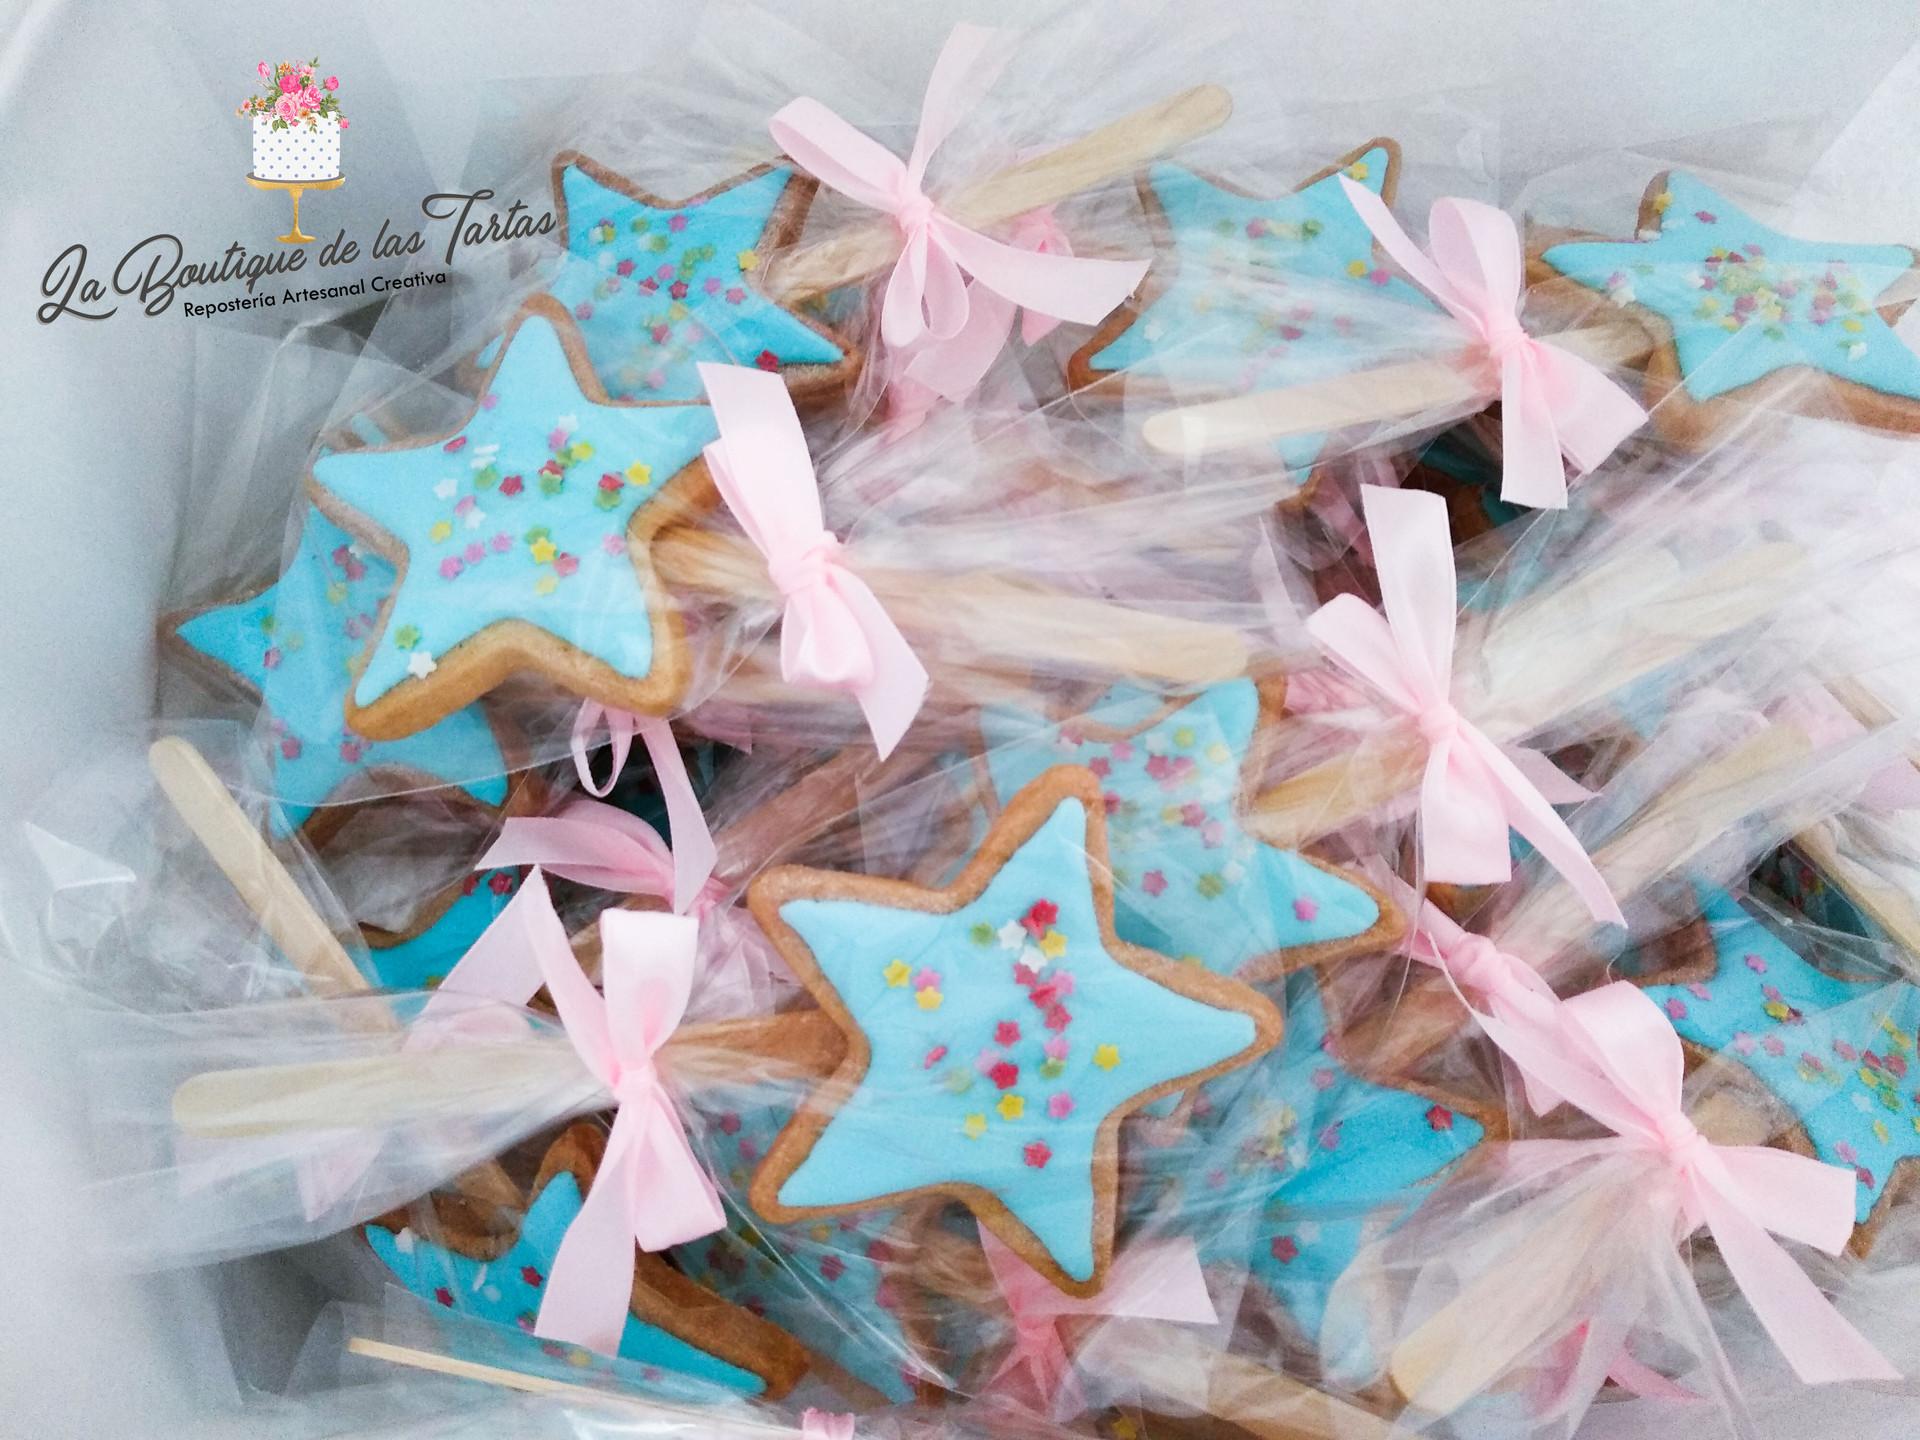 galletas estrellas.jpg